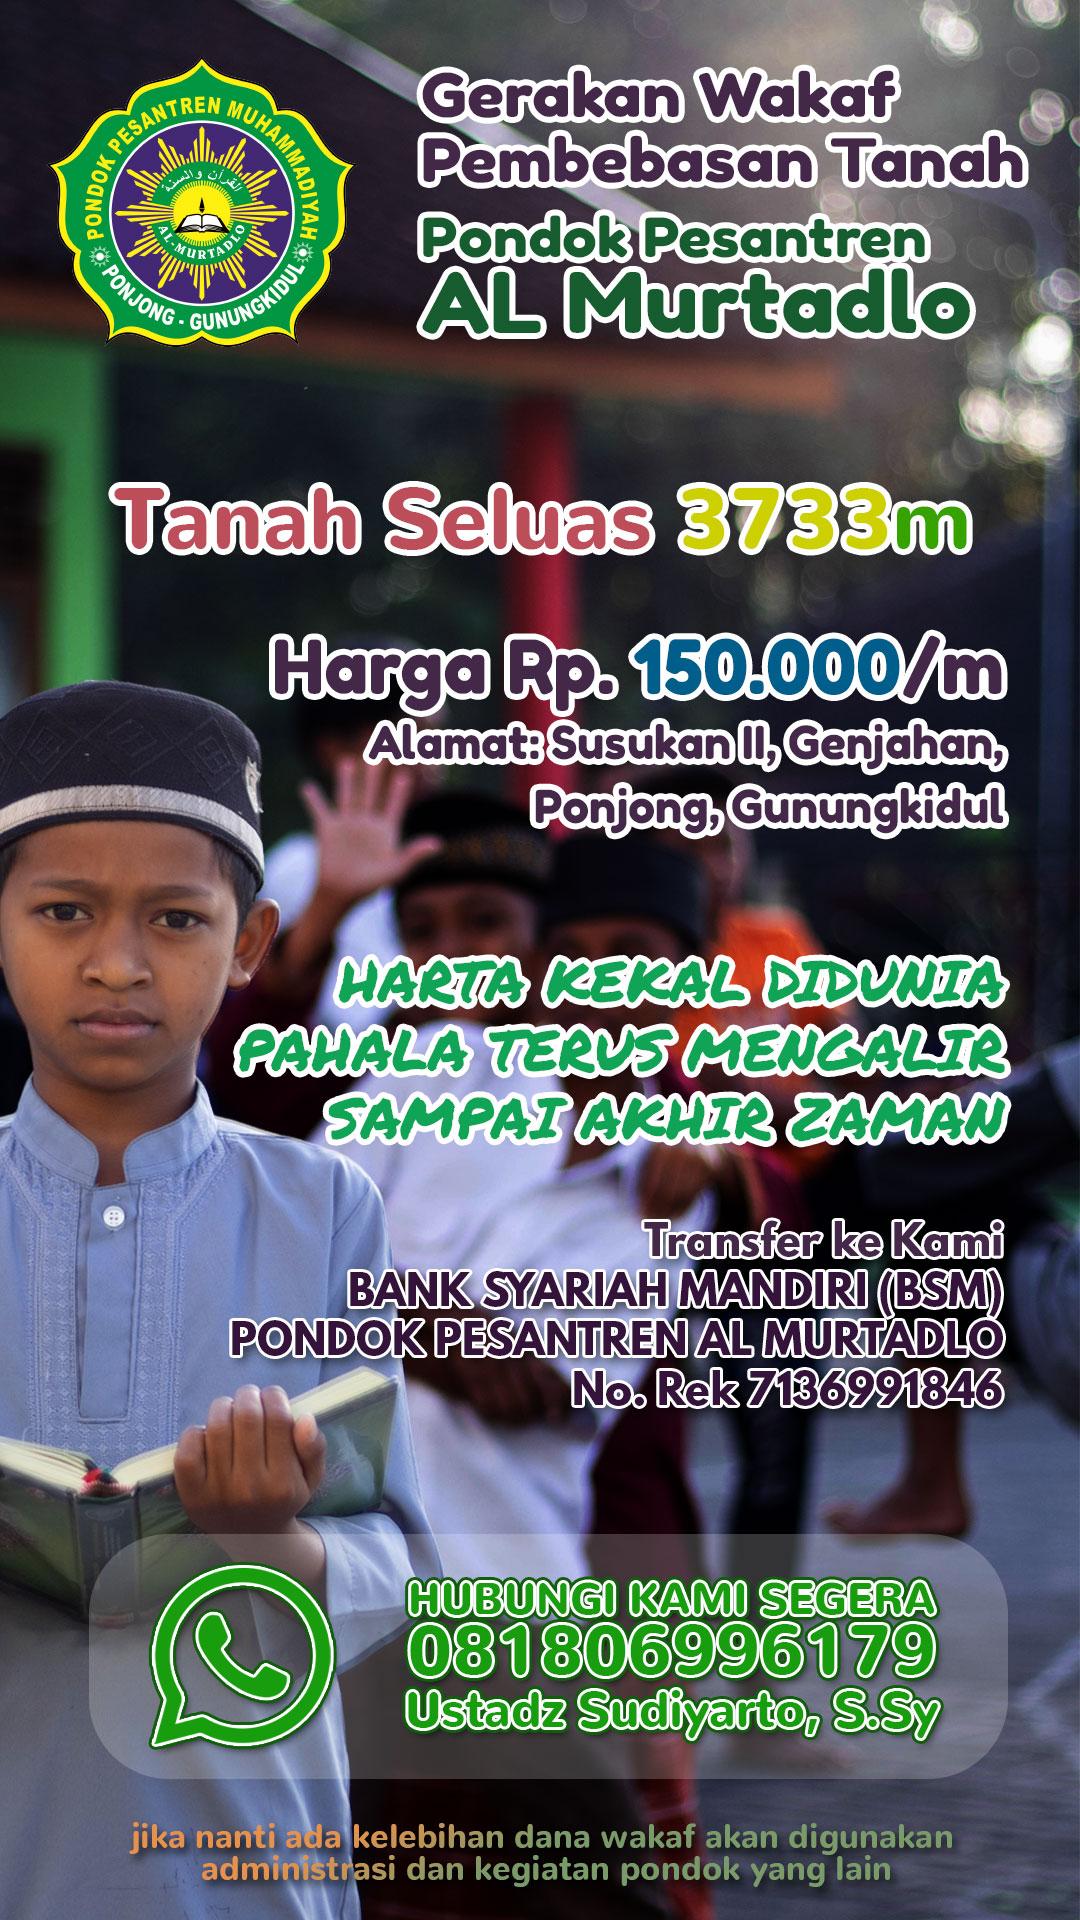 Stories Wakaf Tanah Pondok Al Murtadlo